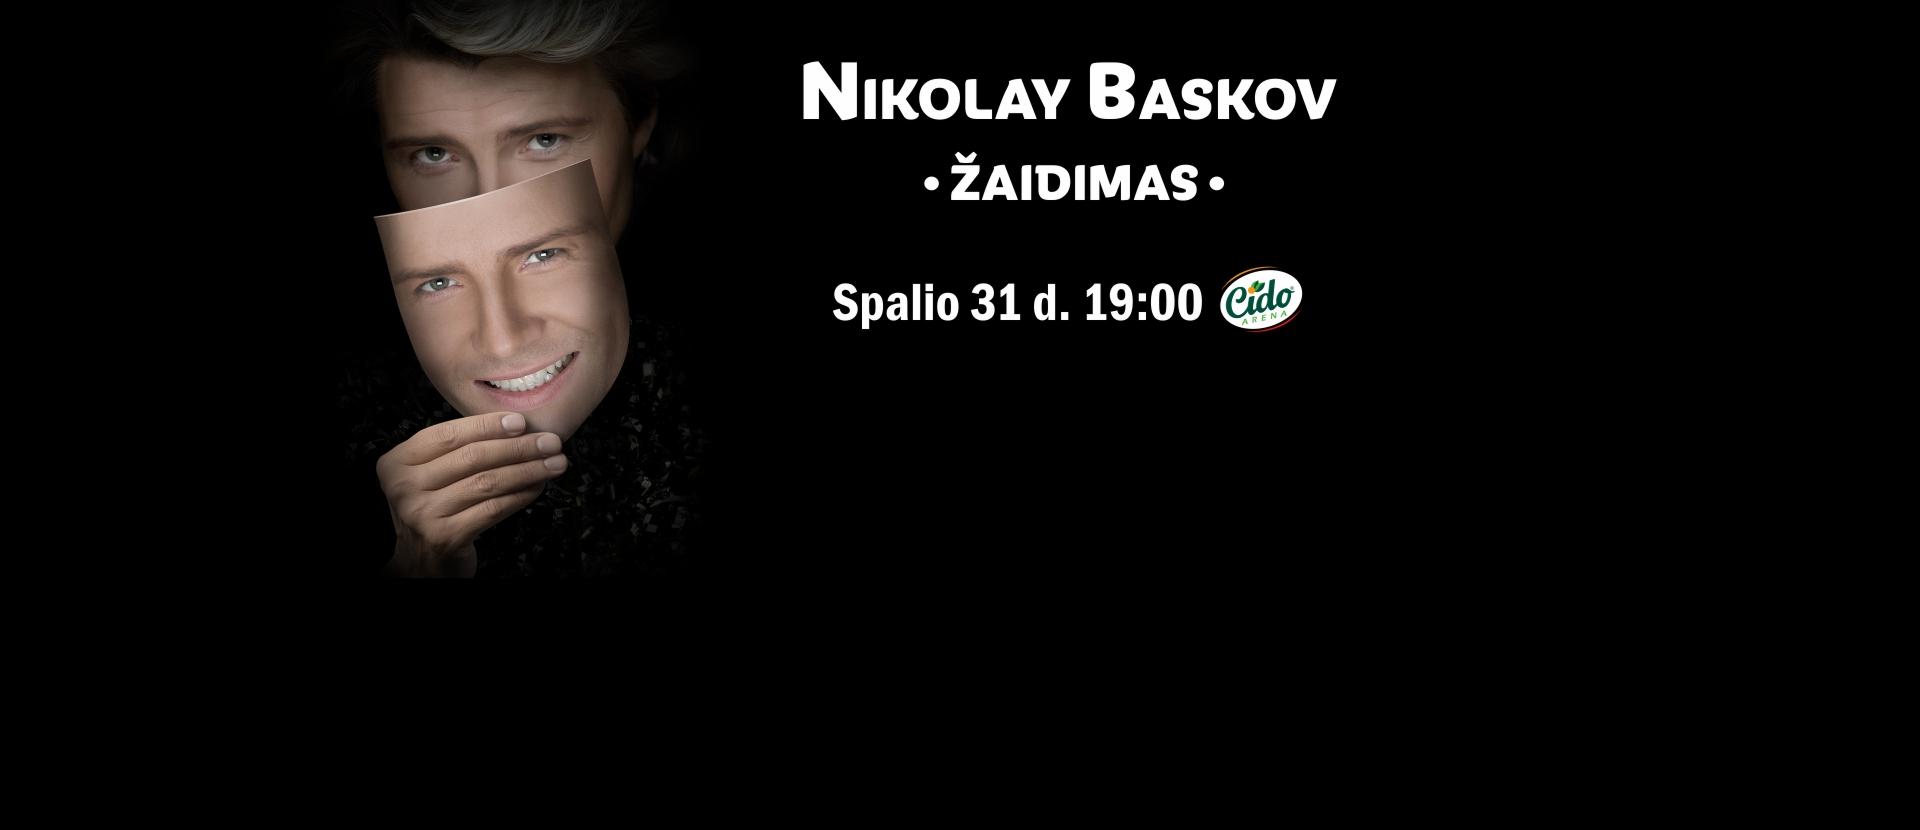 NIKOLAY BASKOV koncertas